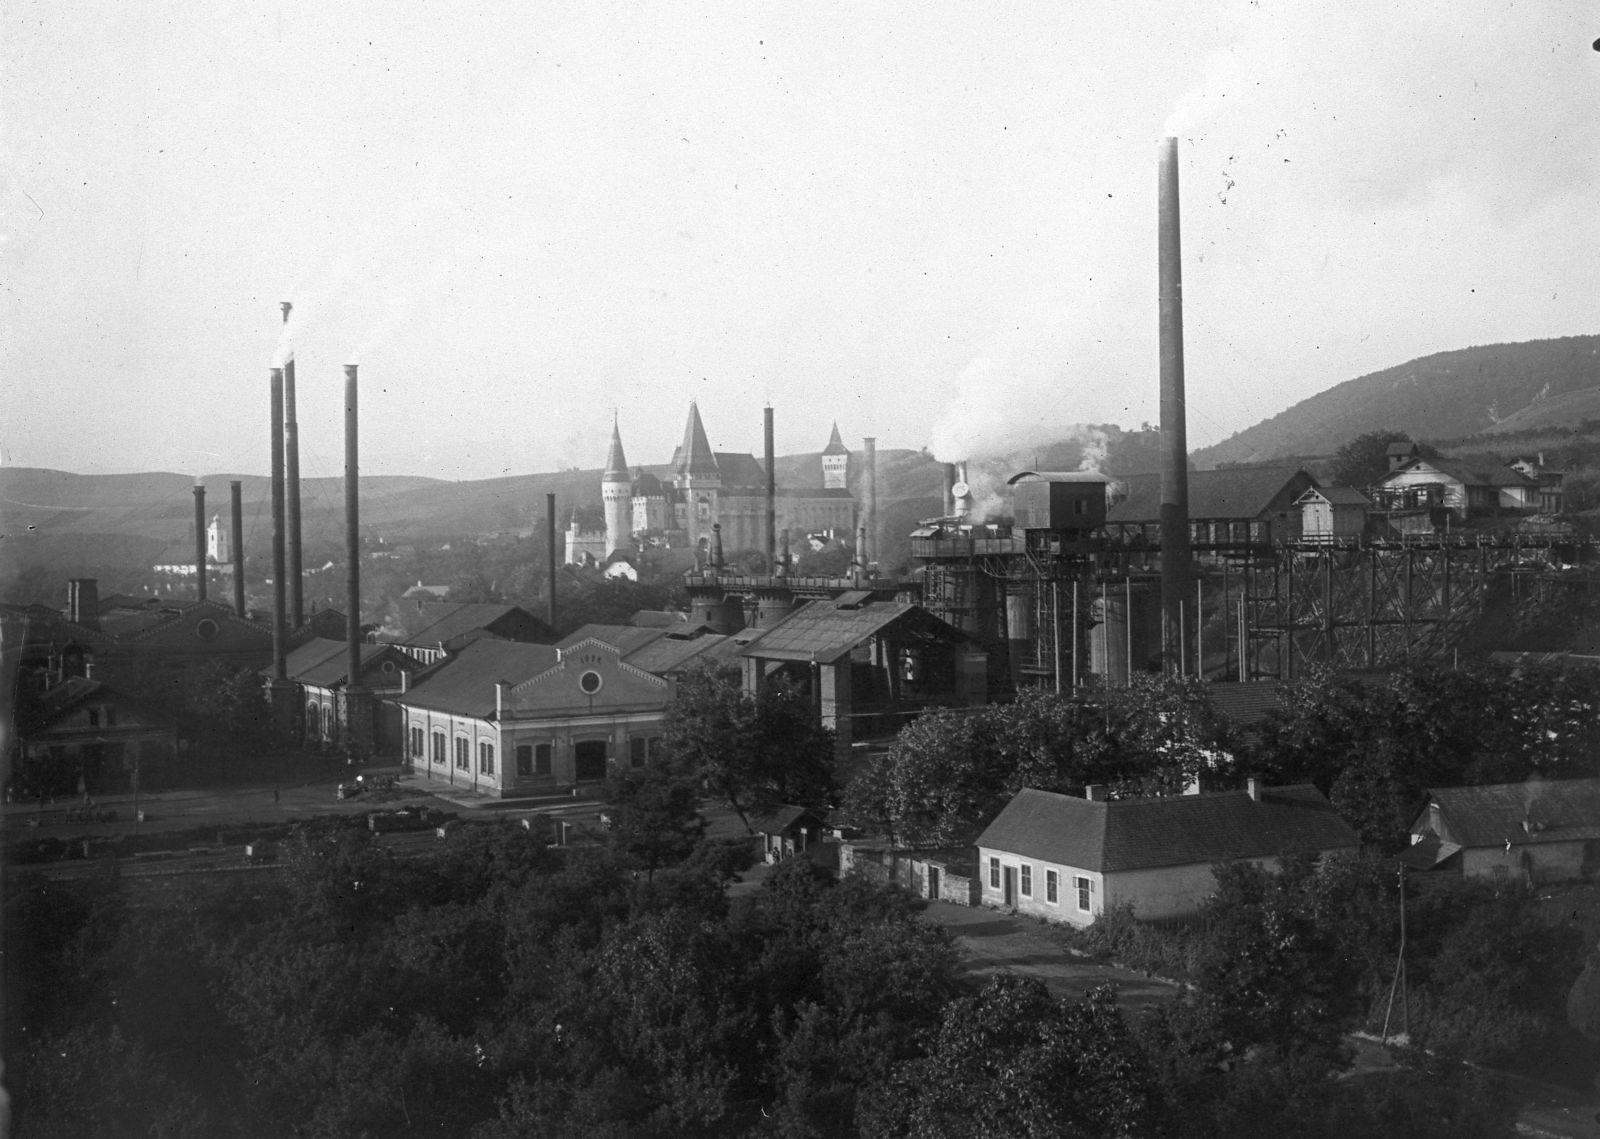 Vajdahunyad a 20. század elején. Vártornyok és kémények keverednek a láthatáron | Forrás: Fortepan